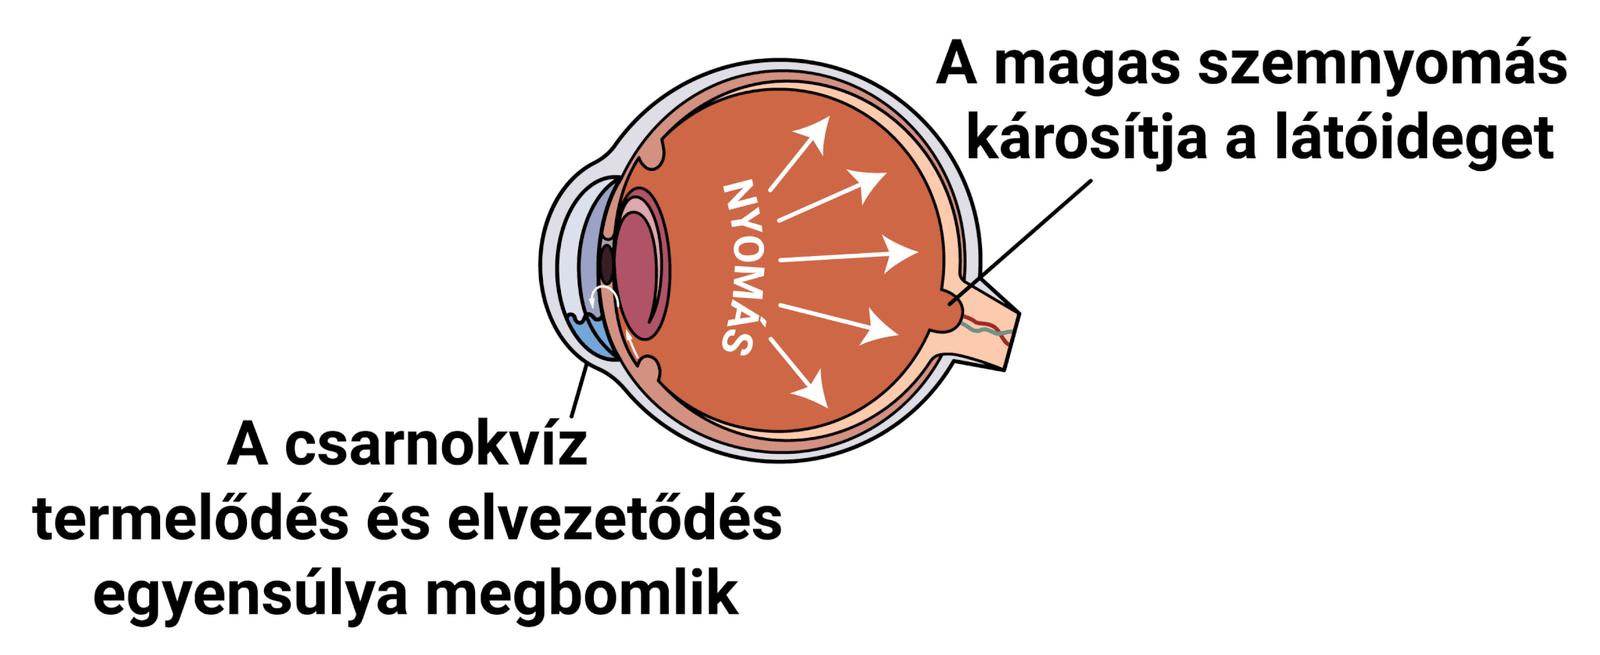 glaukóma műtét és magas vérnyomás)